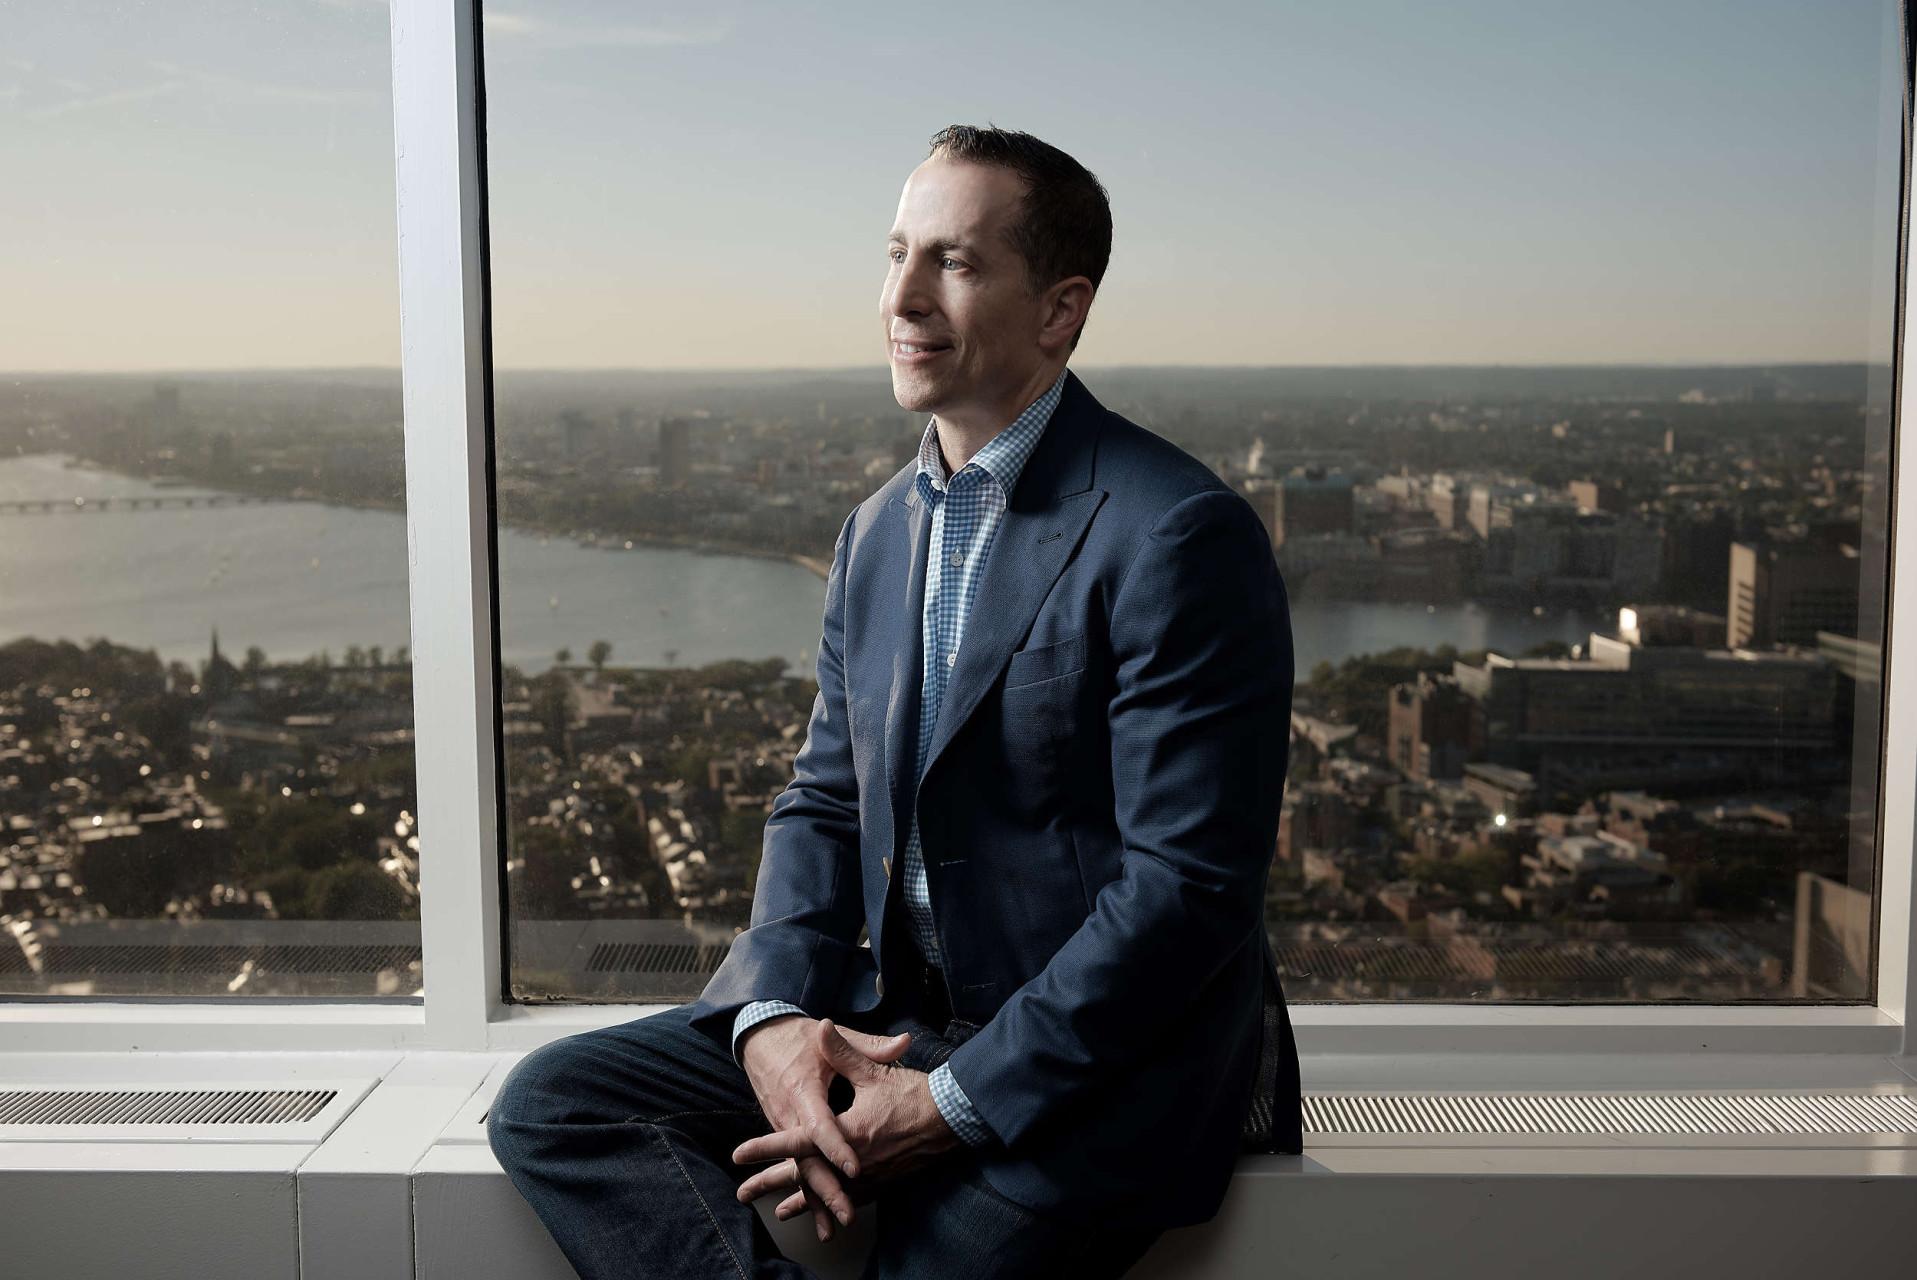 RJ Shook, wealth advisor